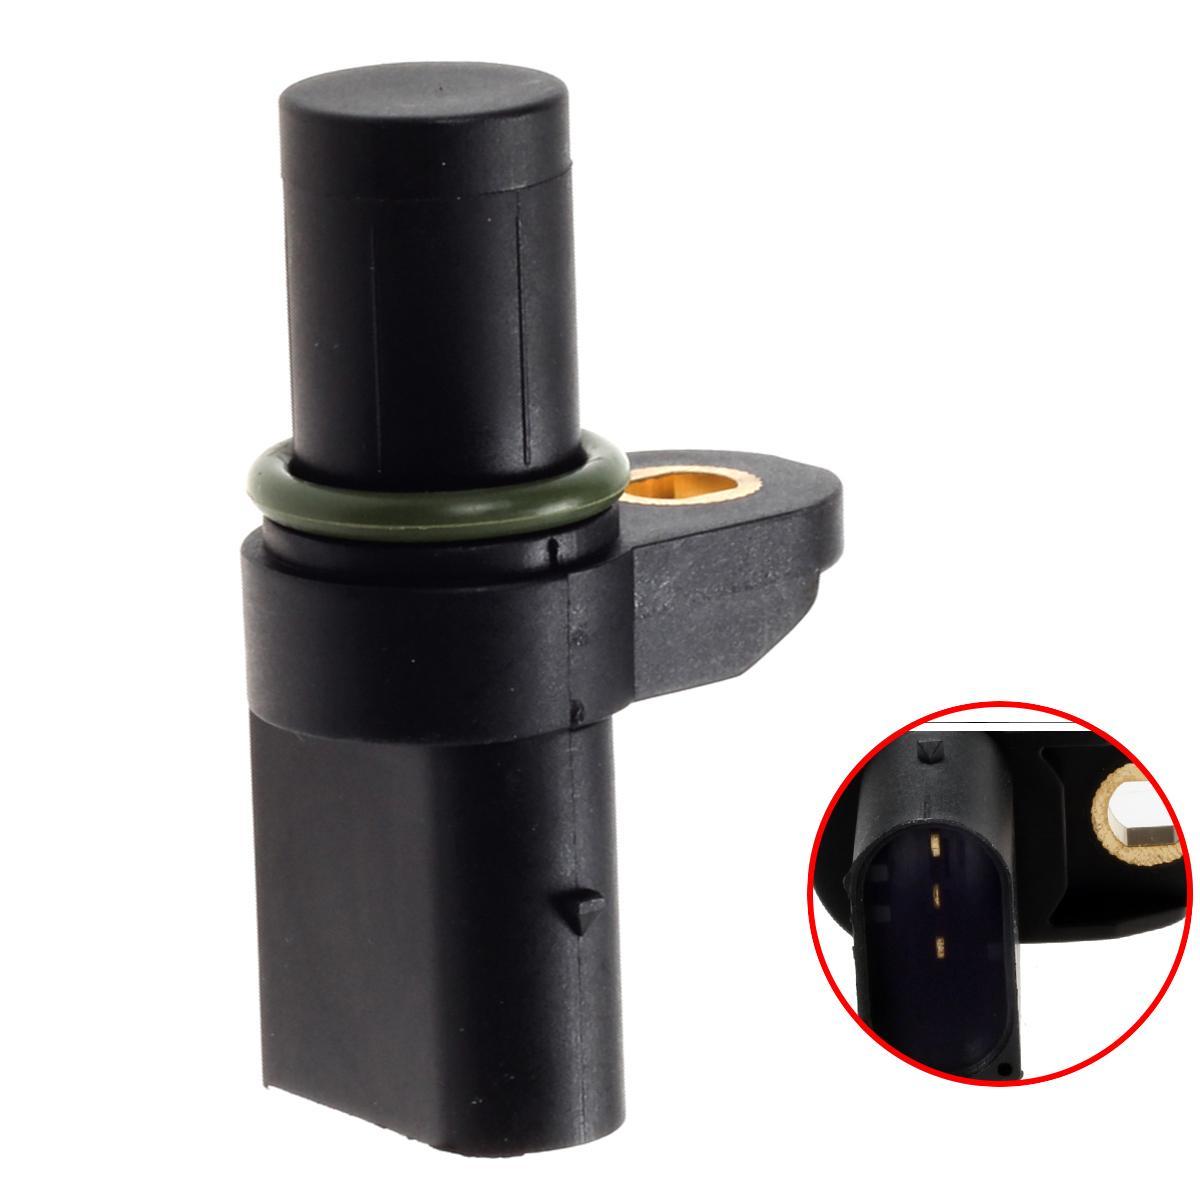 2001 Bmw M Camshaft: 12147518628 Cam Camshaft Position Sensor For BMW X5 330xi